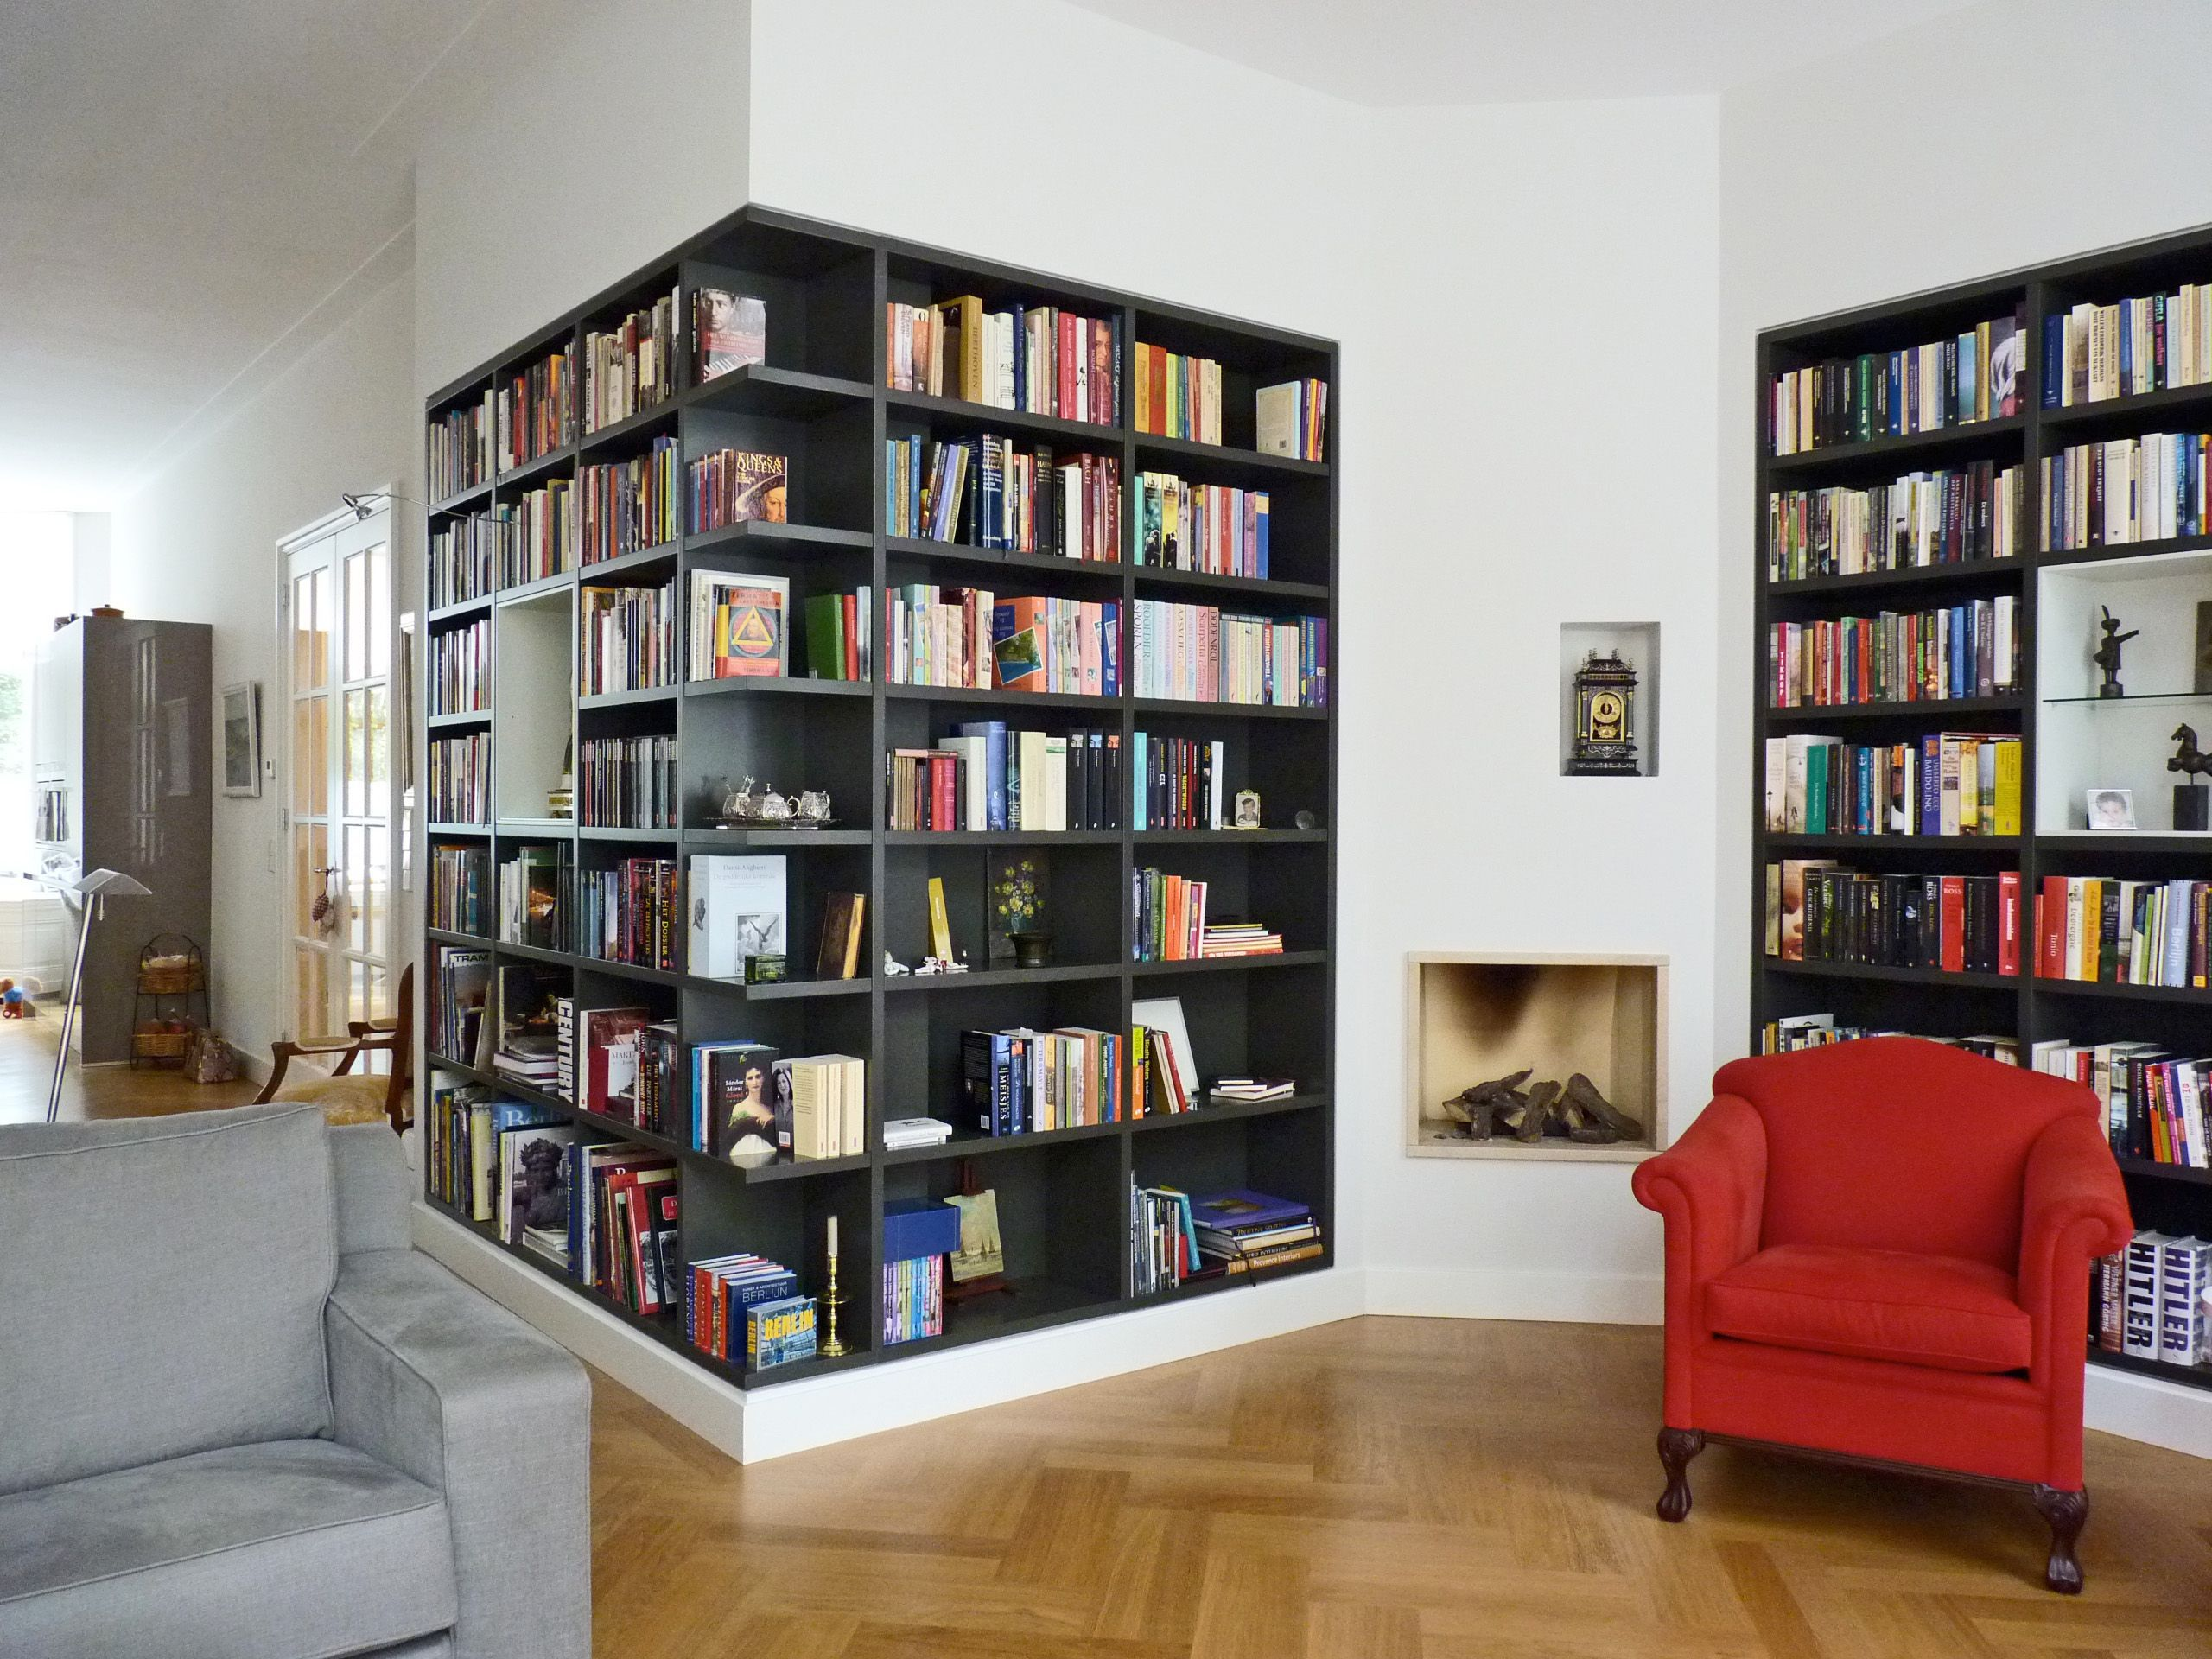 Épinglé sur Bibliothèques et coins lecture